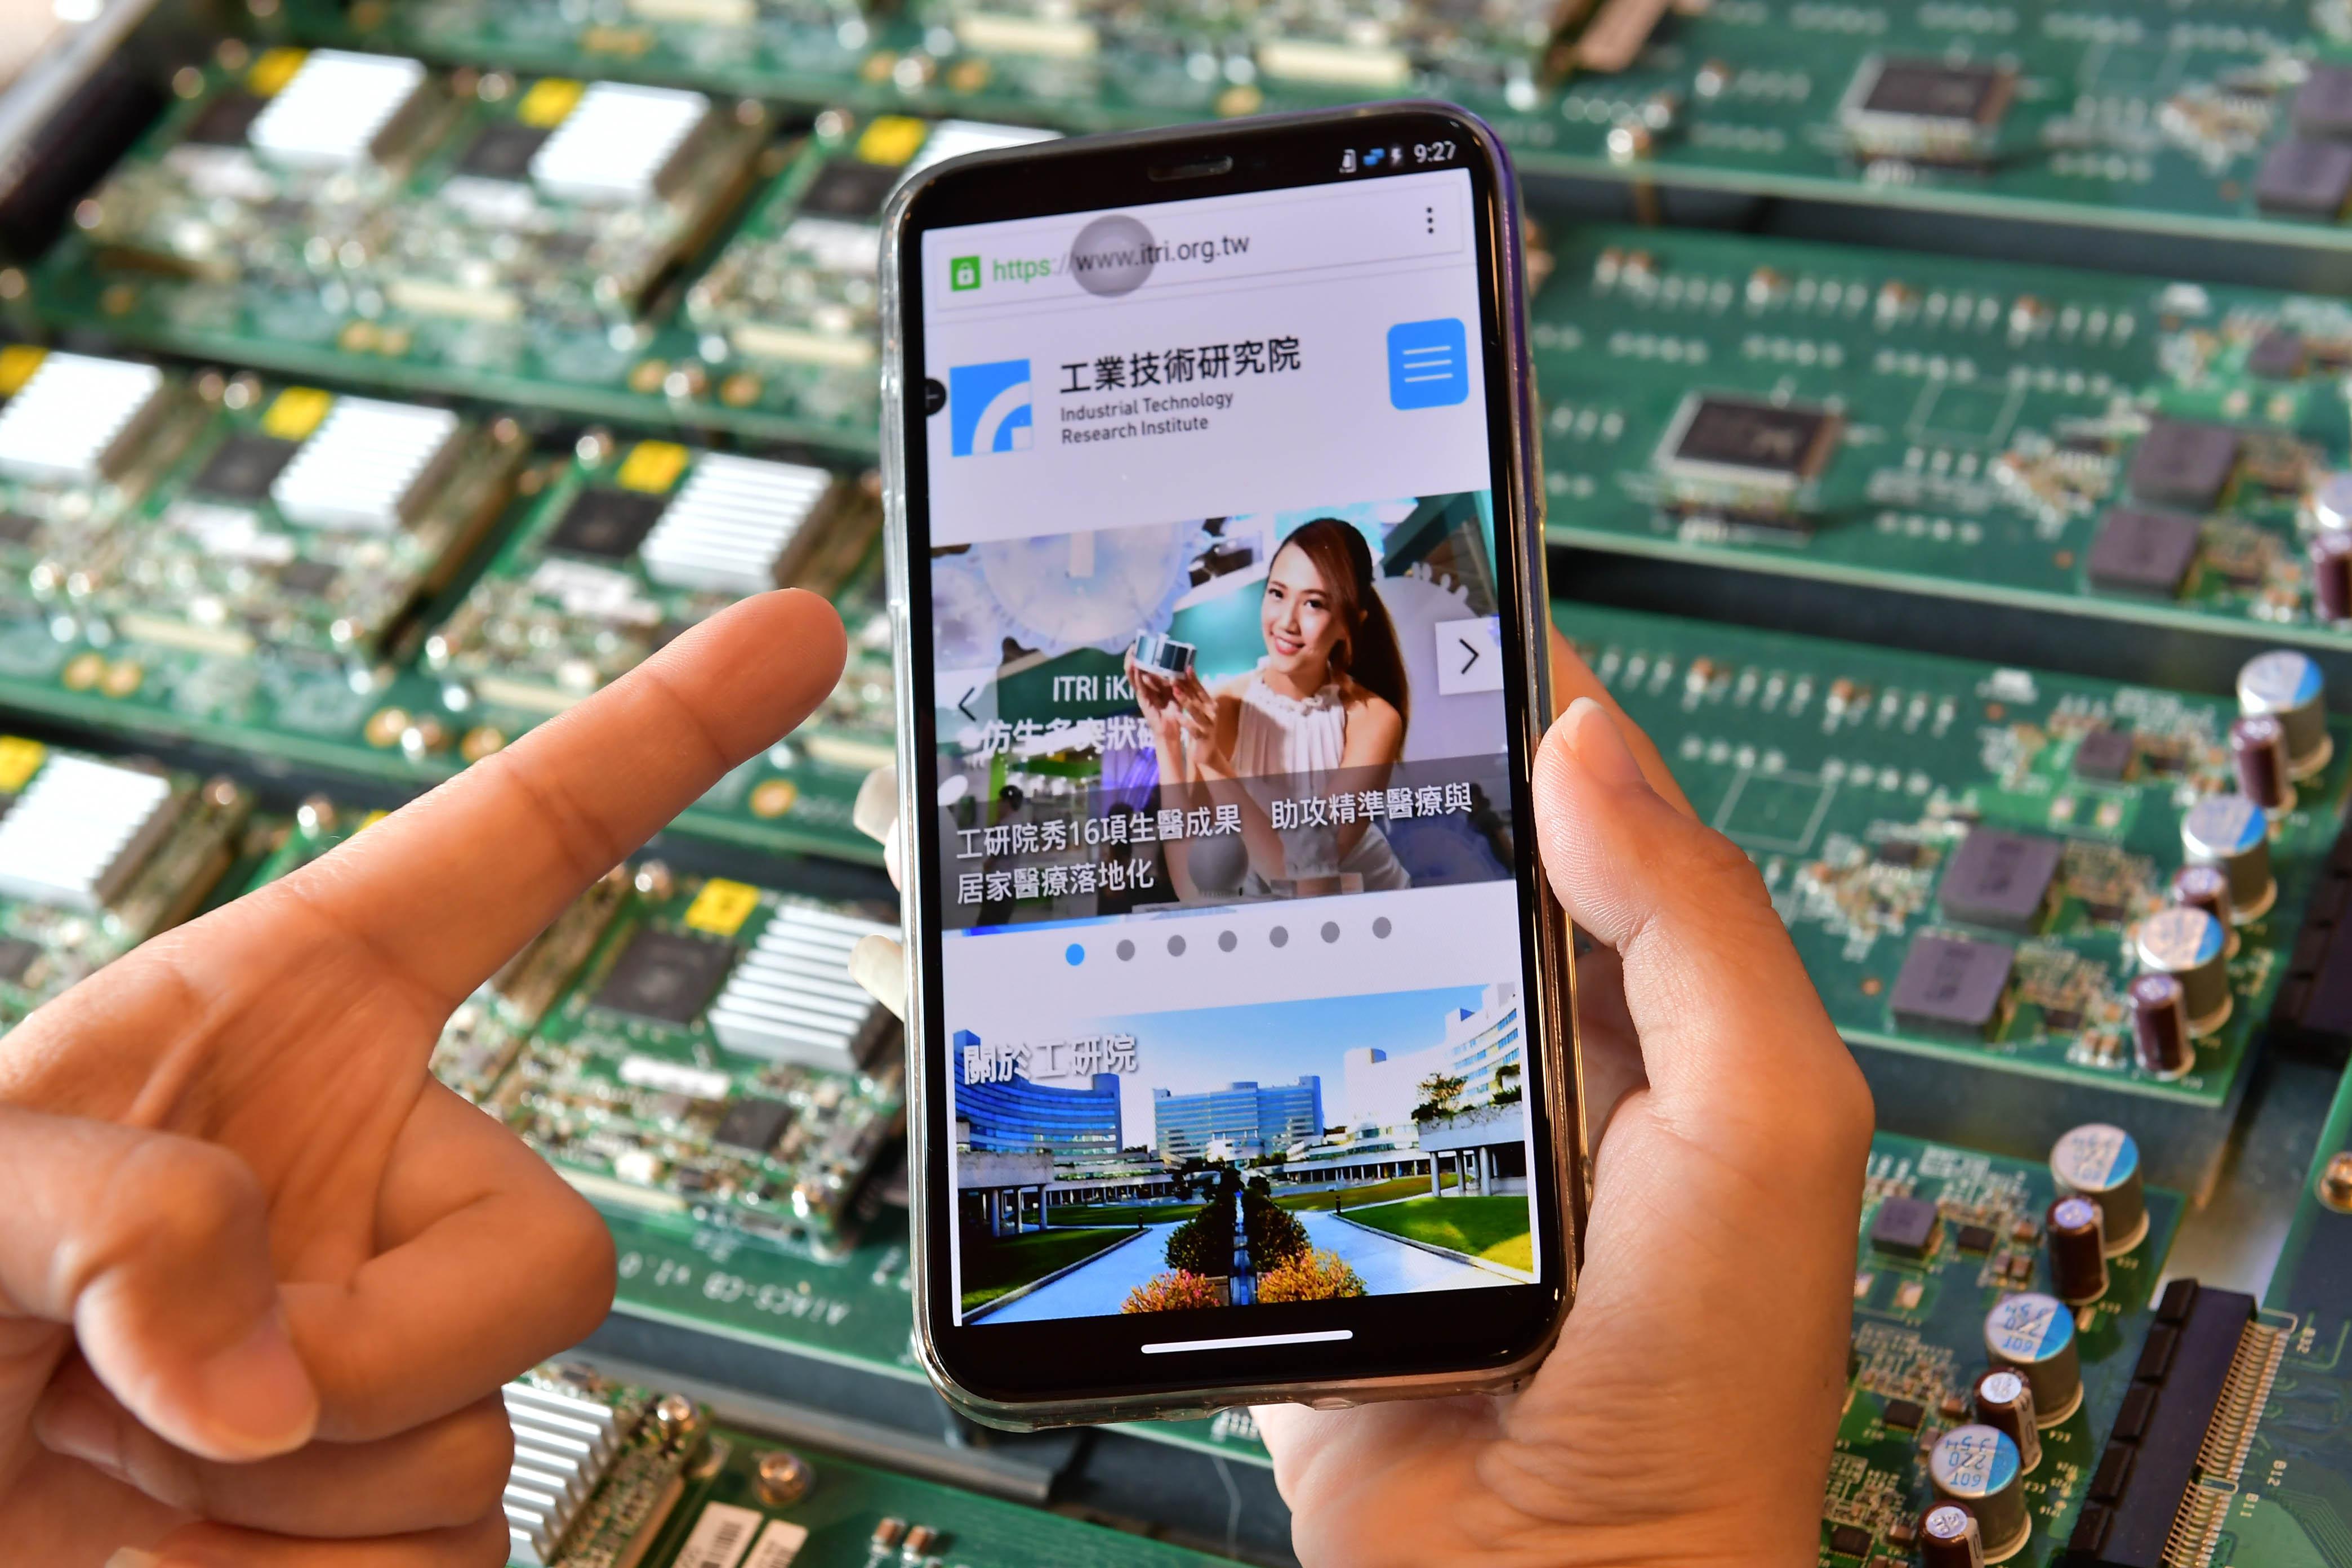 5G大頻寬、低延遲的特性,讓應用服務即使不在手機裡,也能透過雲端串流使用。因應雲端與資安需求,工研院與遠傳合作「虛擬行動桌面服務(VMI)」技術,資料不落地,安全有保障。